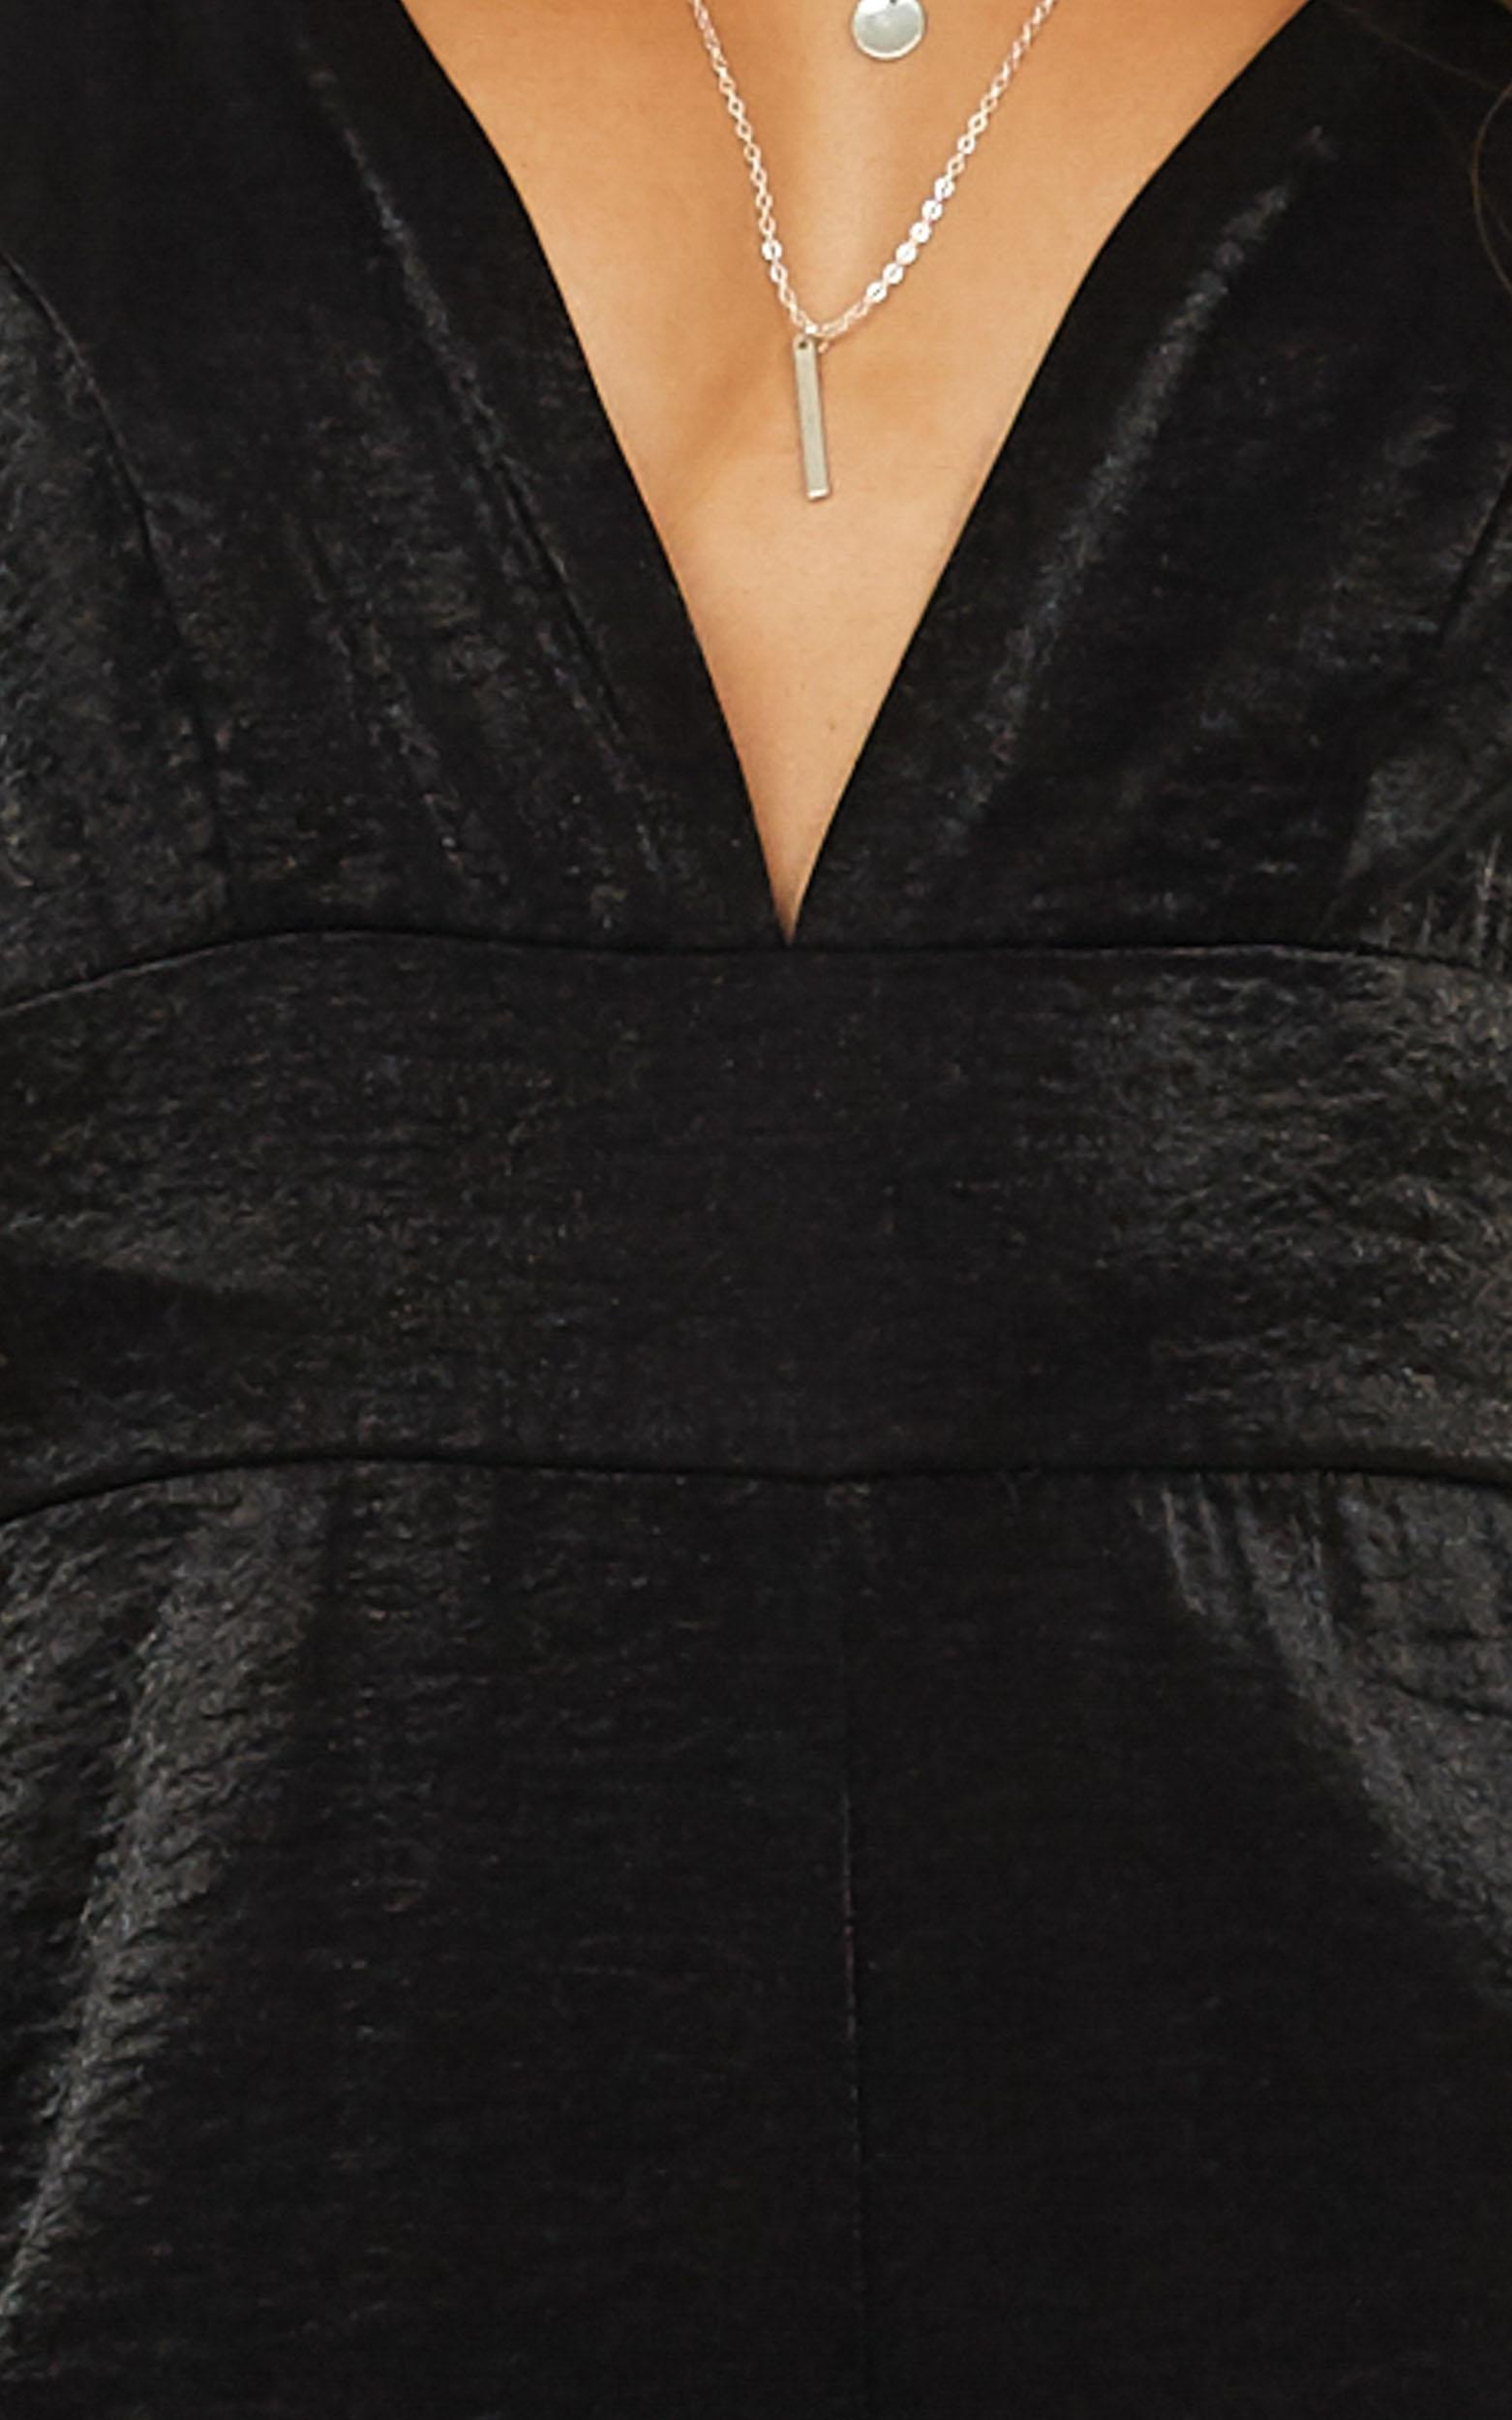 Missin You Jumpsuit in black satin, Black, hi-res image number null